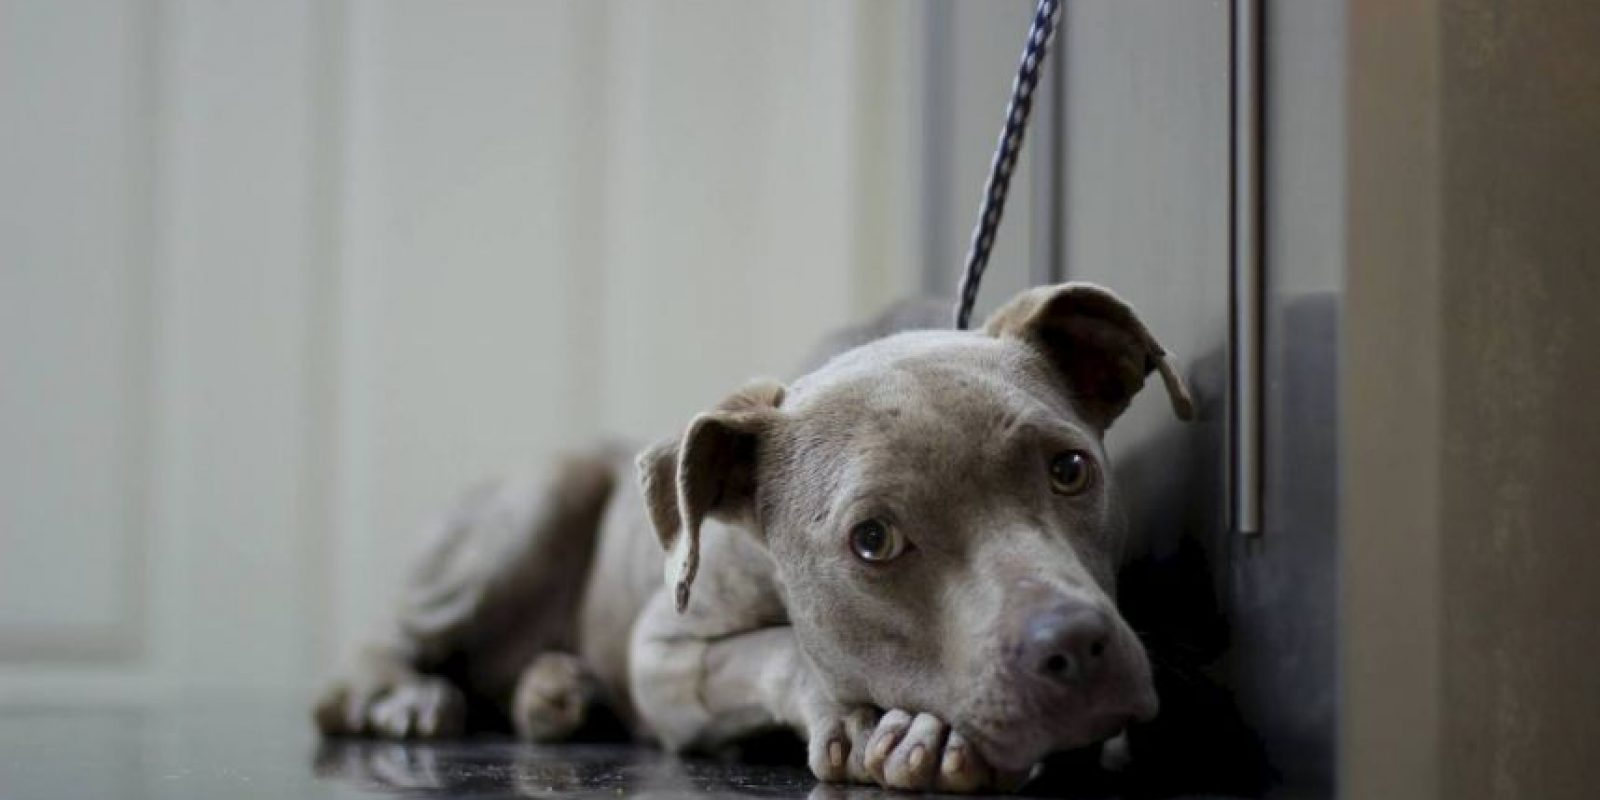 Incluso hay una campaña de recolección de fondos para pagar su tratamiento Foto:Facebook.com/GraniteHillsVet